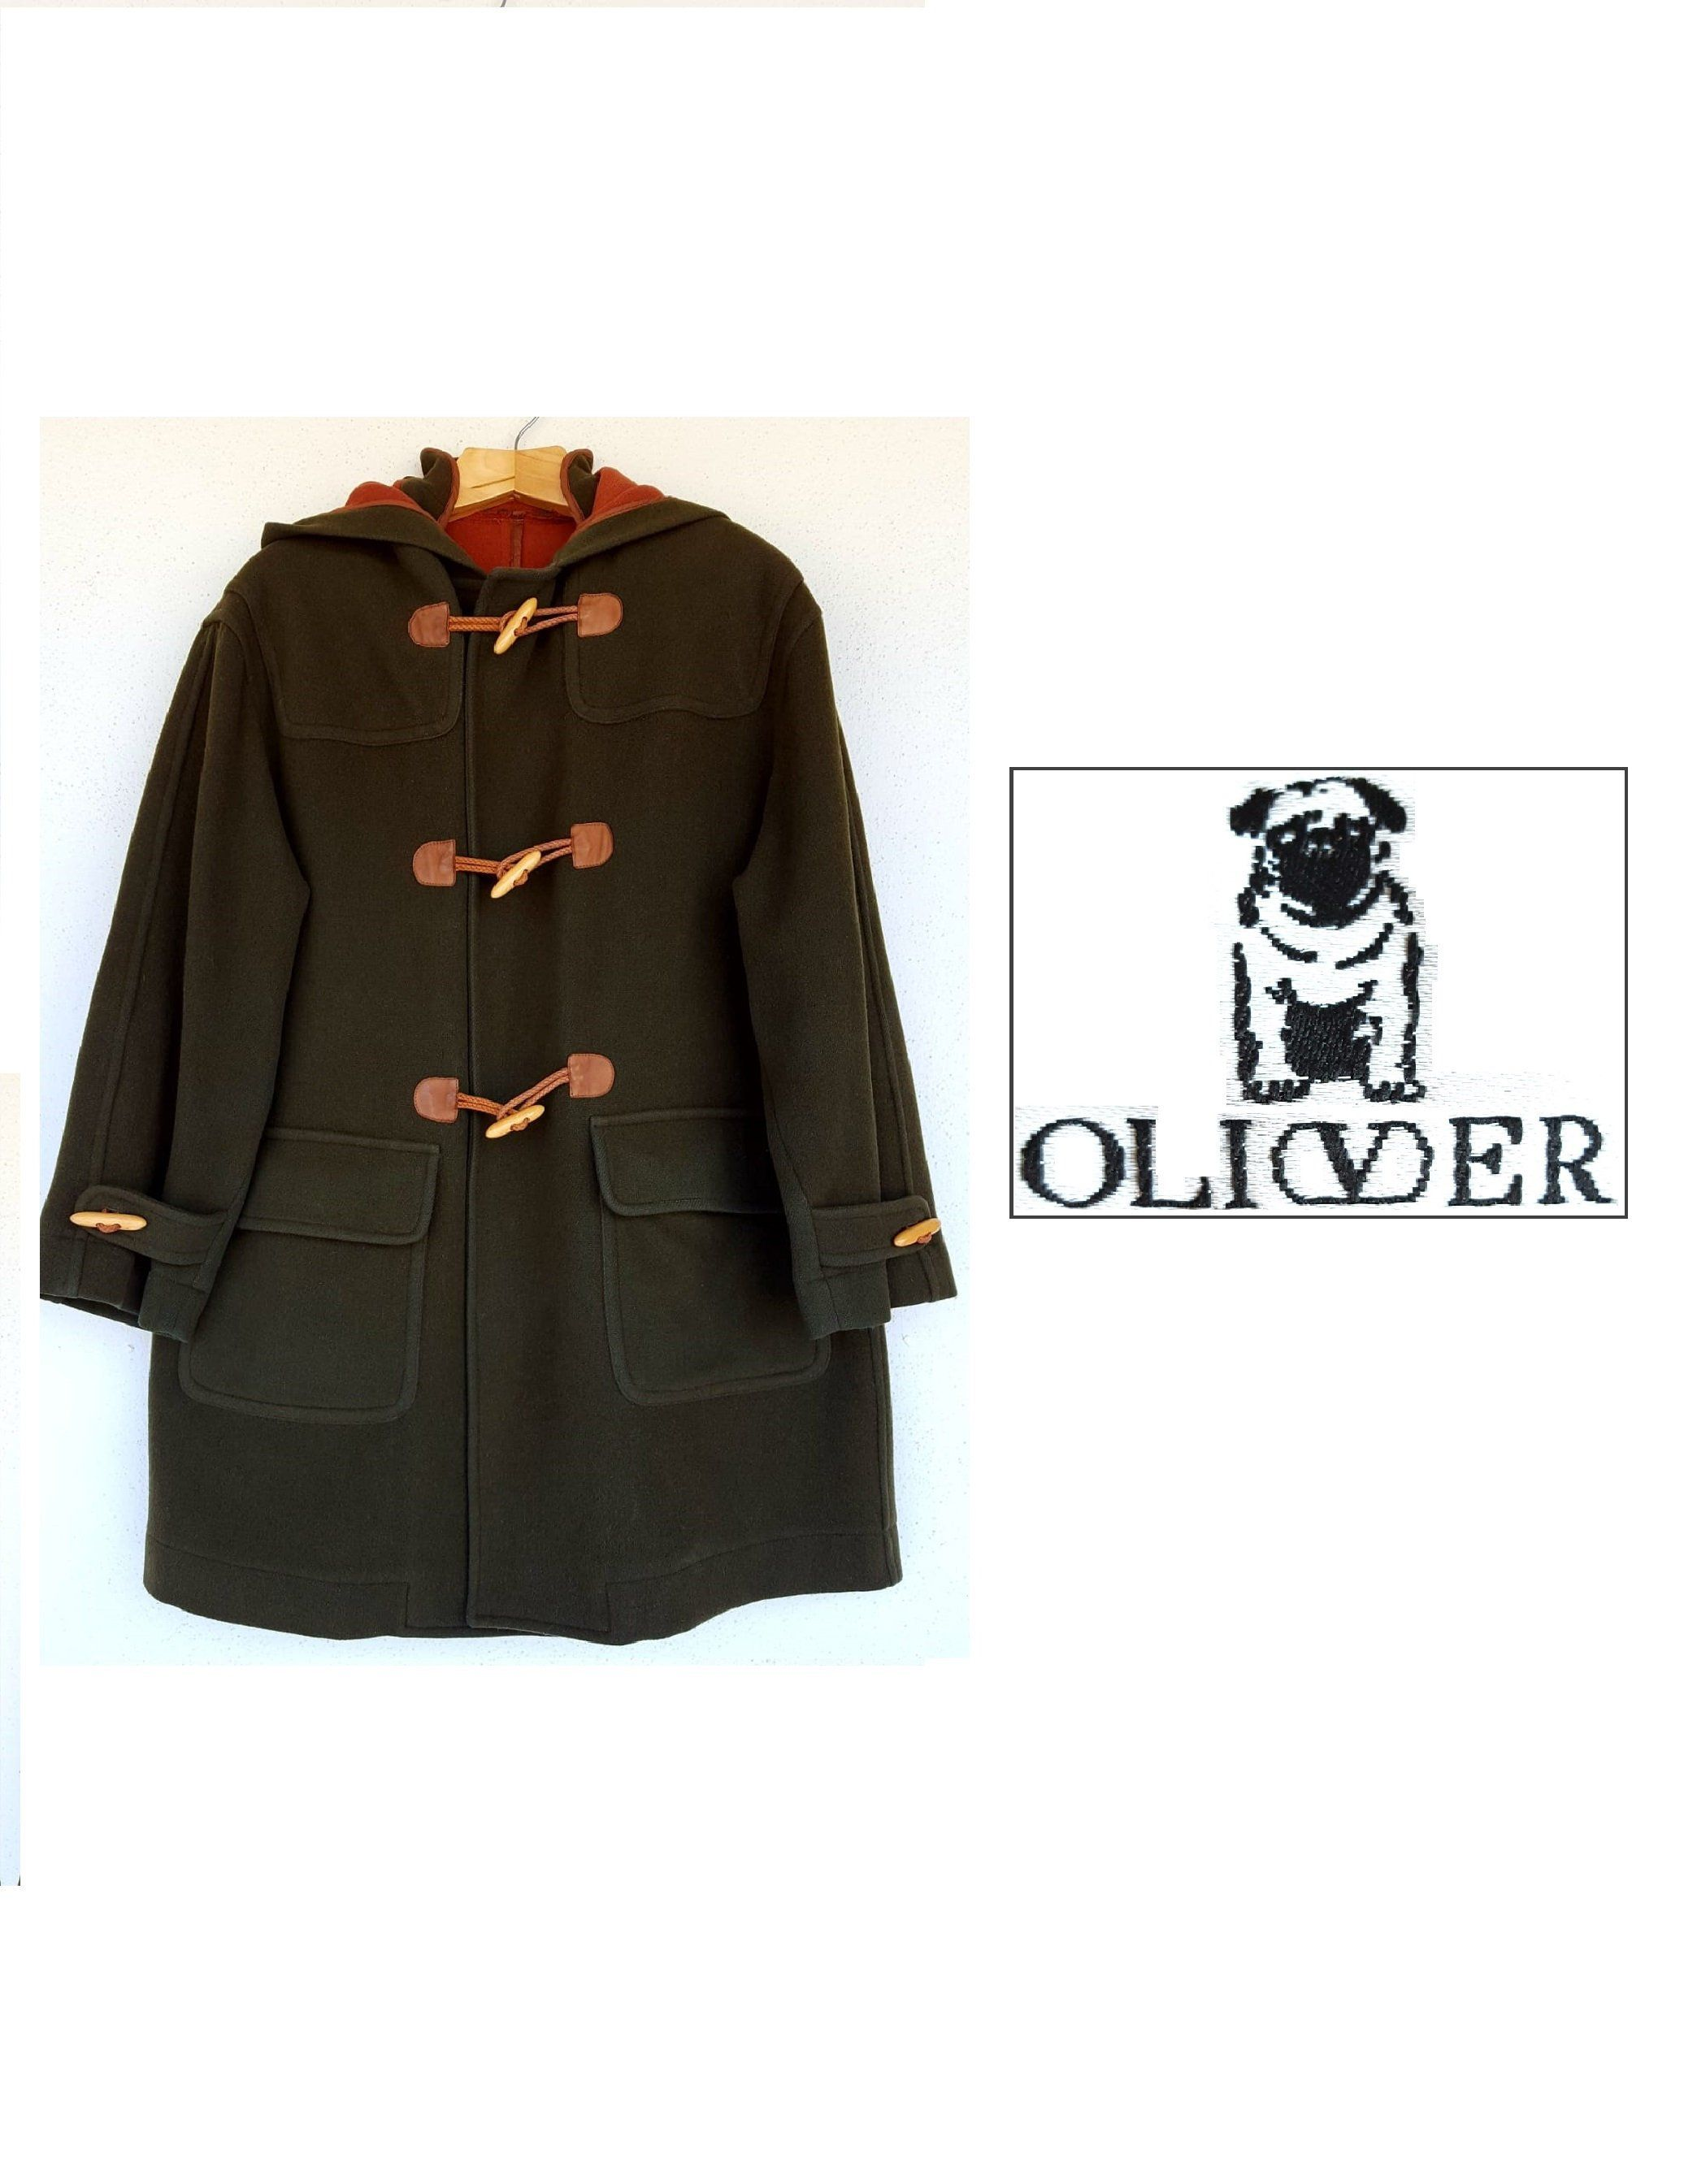 OLIVER by VALENTINO GARAVANI Montgomery Cappotto 80s in pesante tessuto  misto lana verde loden 058aa4ce354